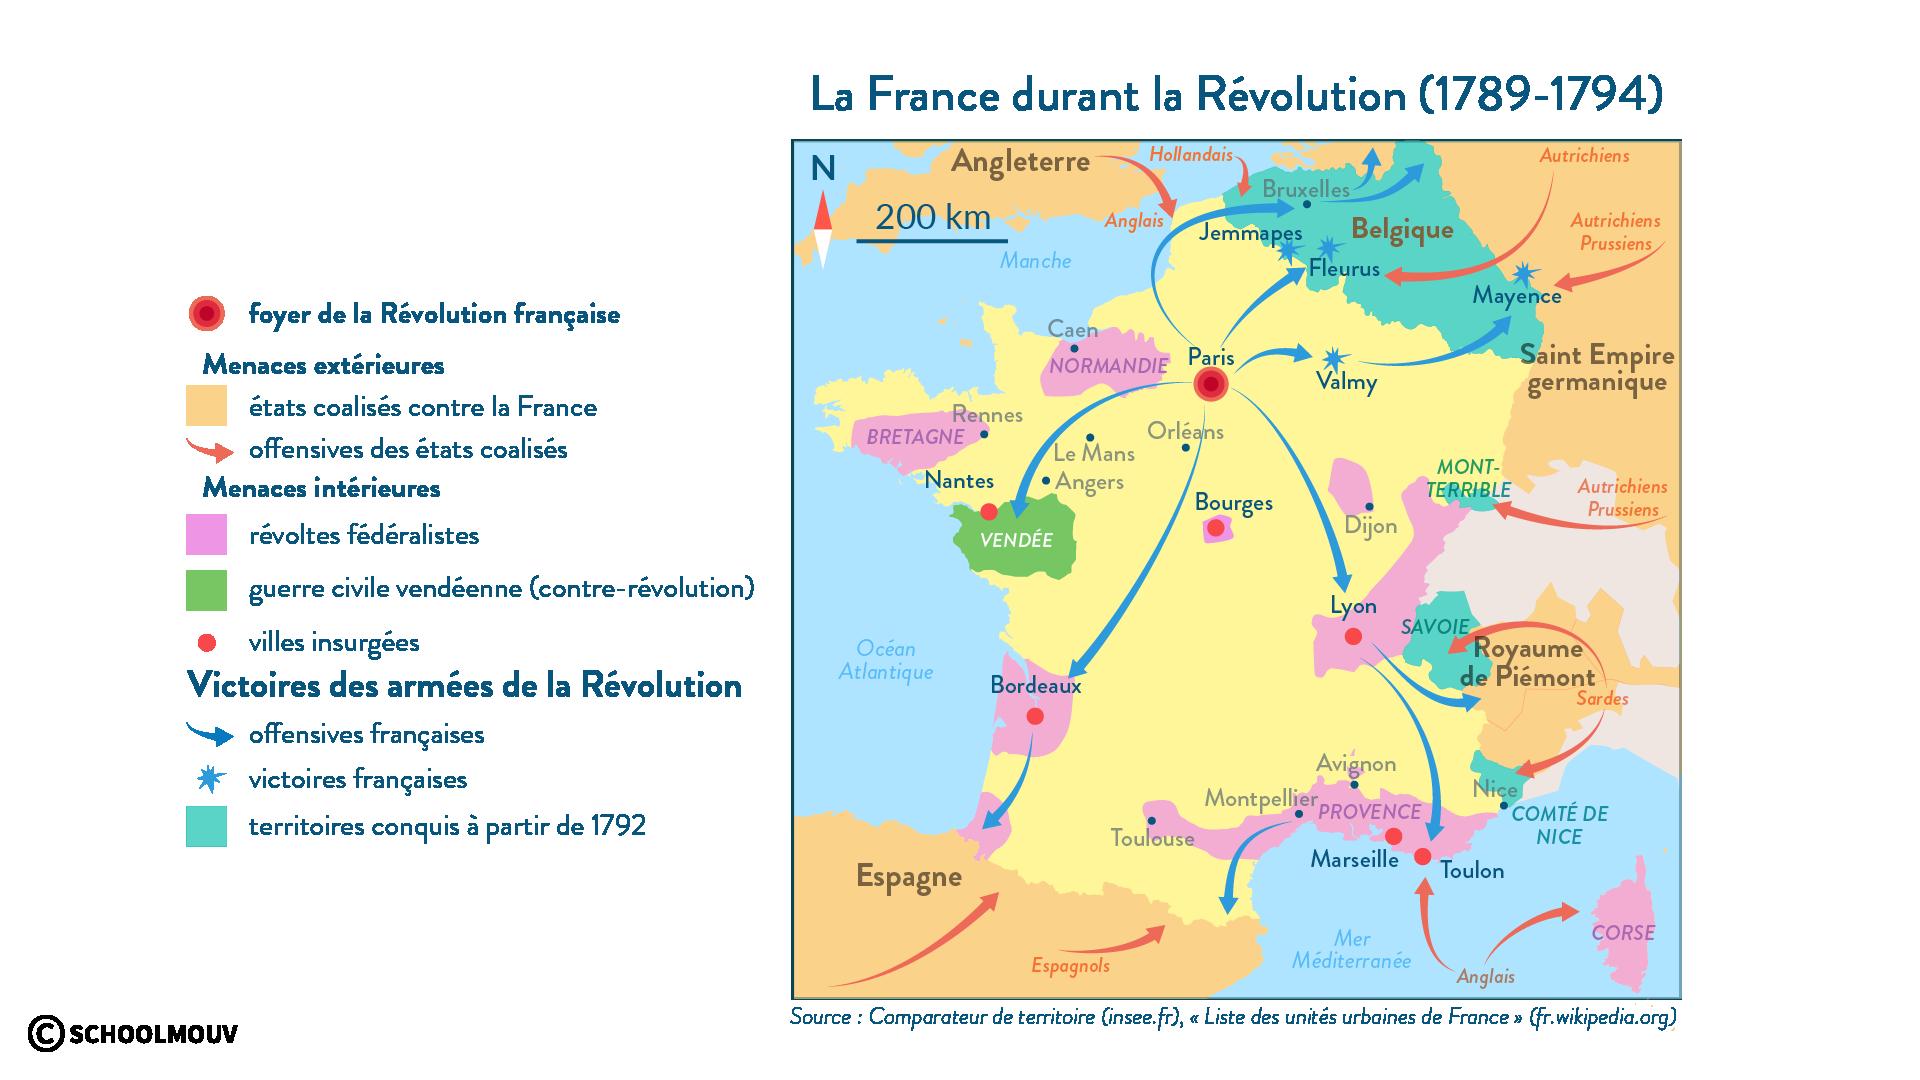 La République assiégée: les menaces extérieures et intérieures (1790-1794) - Histoire - 1re - SchoolMouv